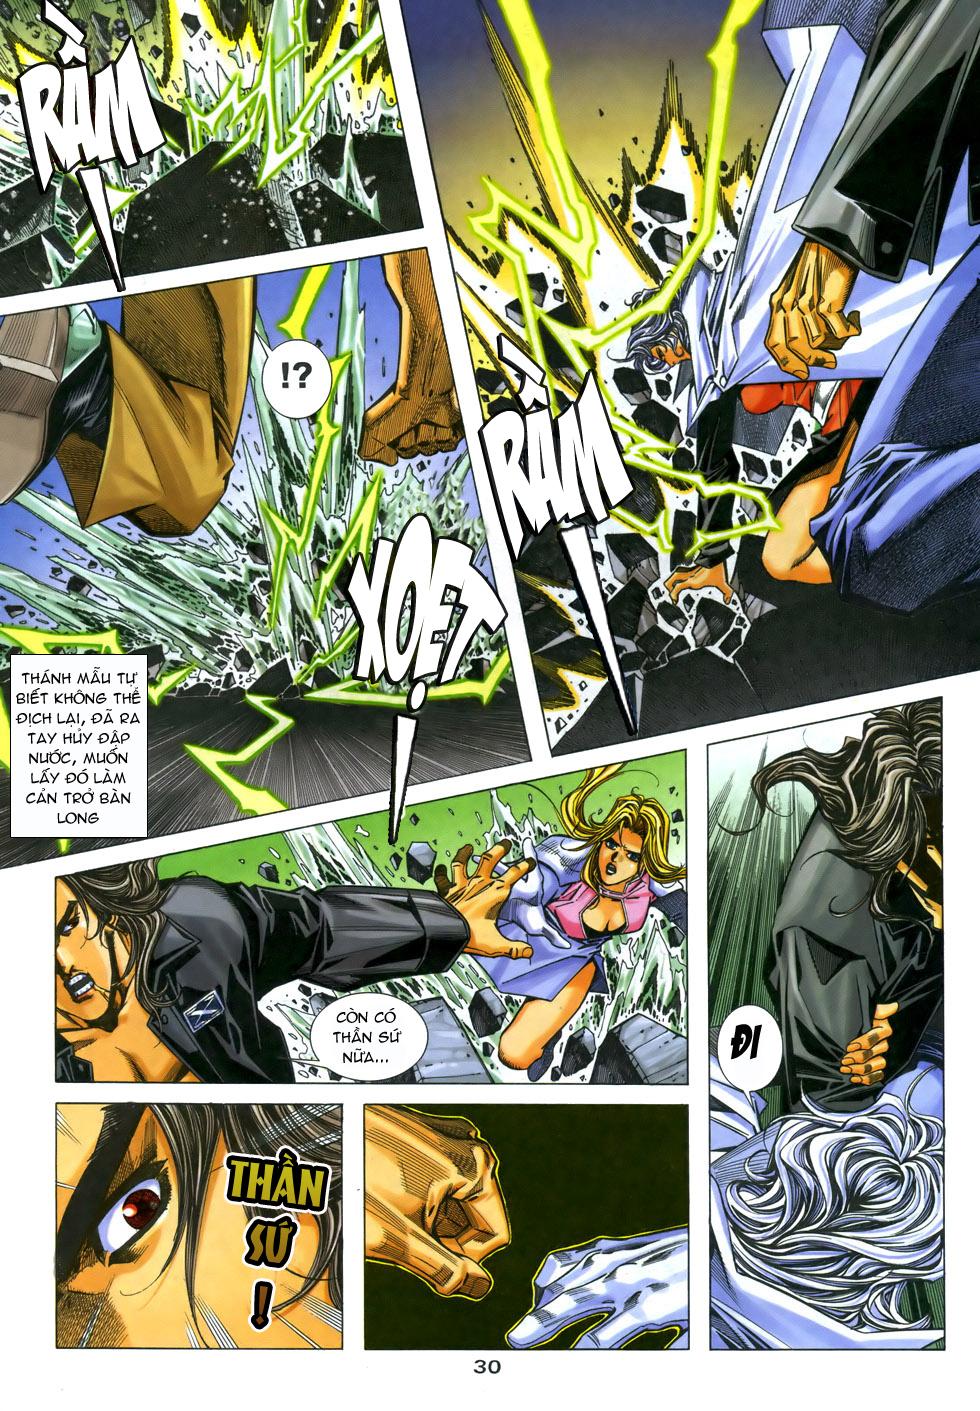 X Bạo Tộc chap 33 - Trang 30